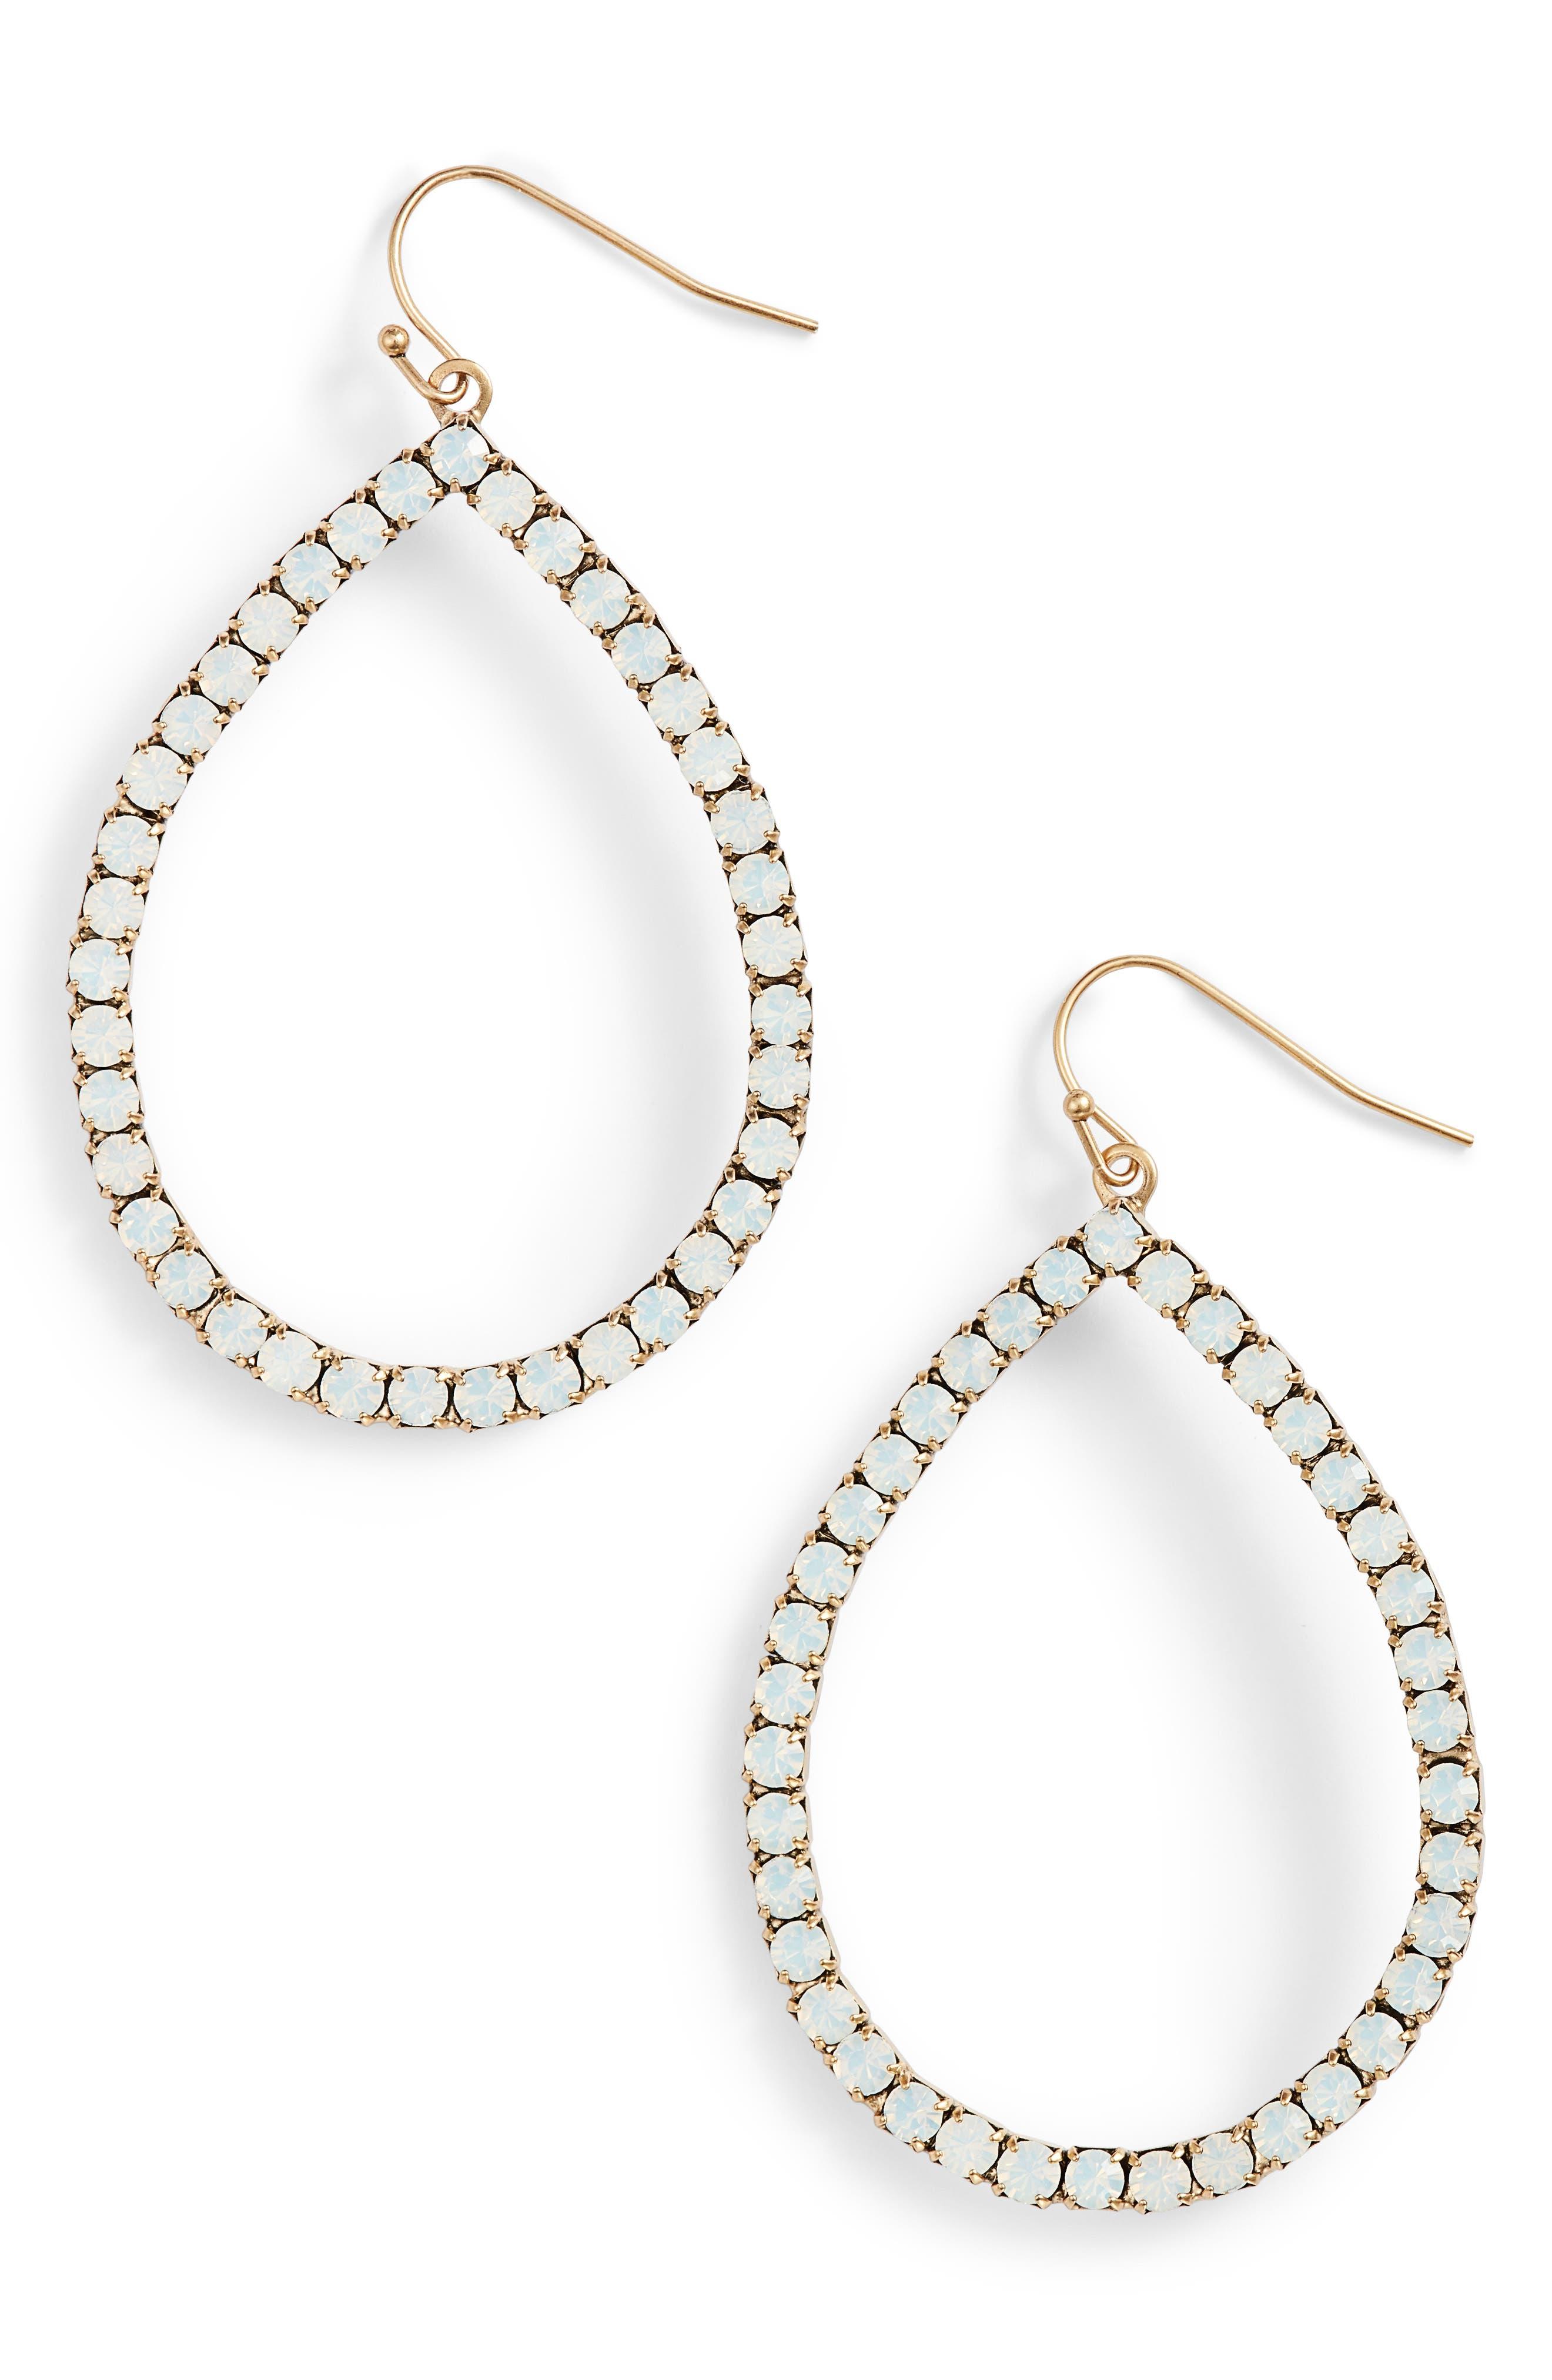 Emilia Crystal Teardrop Earrings,                             Main thumbnail 1, color,                             White